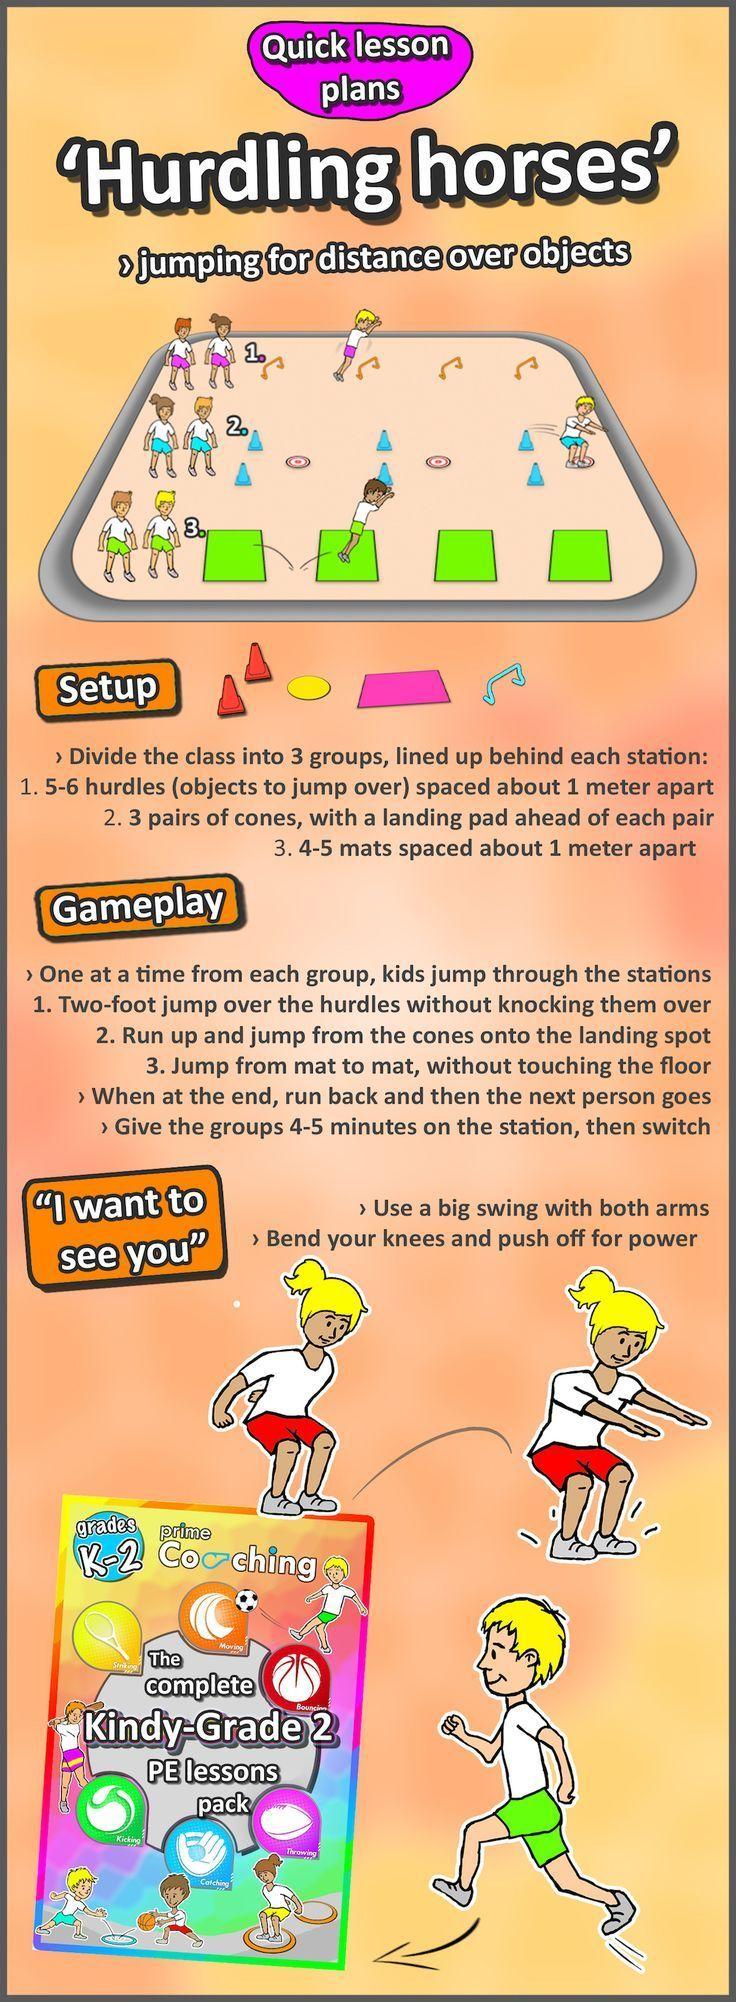 Ein kurzer Unterrichtsplan, der Ihren Kindern hilft, ihre grobmotorischen Fähigkeiten